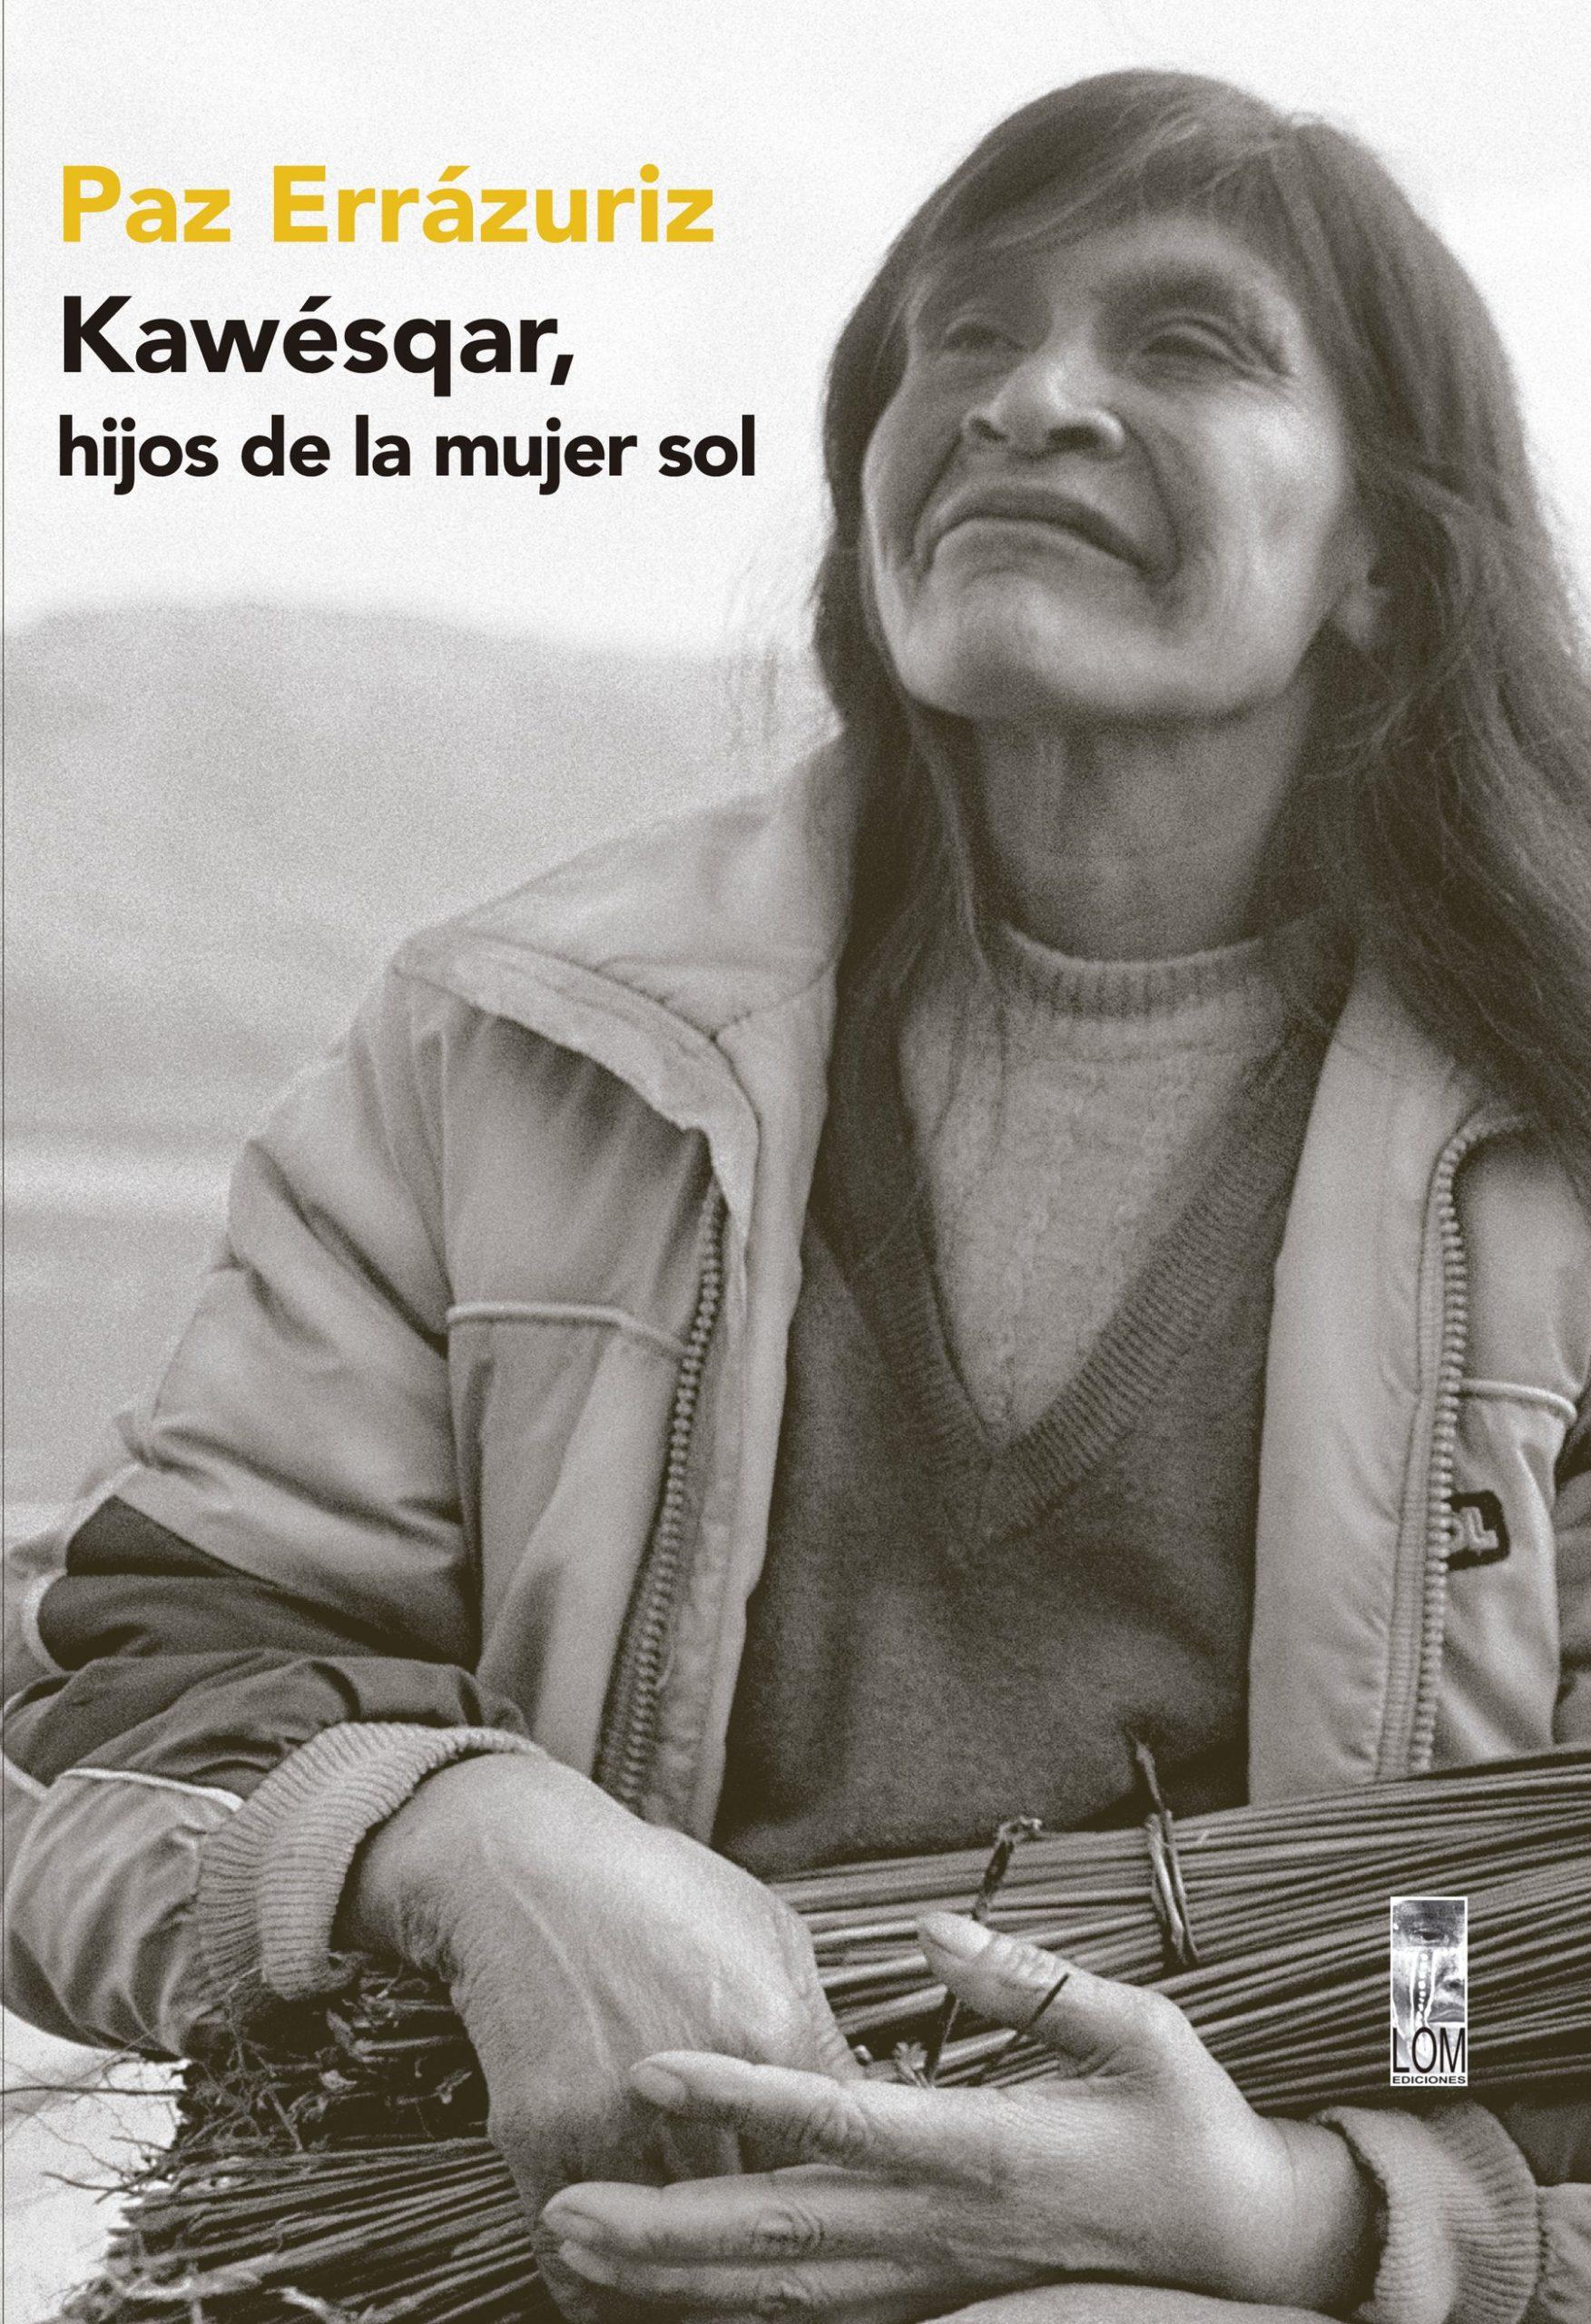 KAWESQAR HIJOS DE LA MUJER SOL